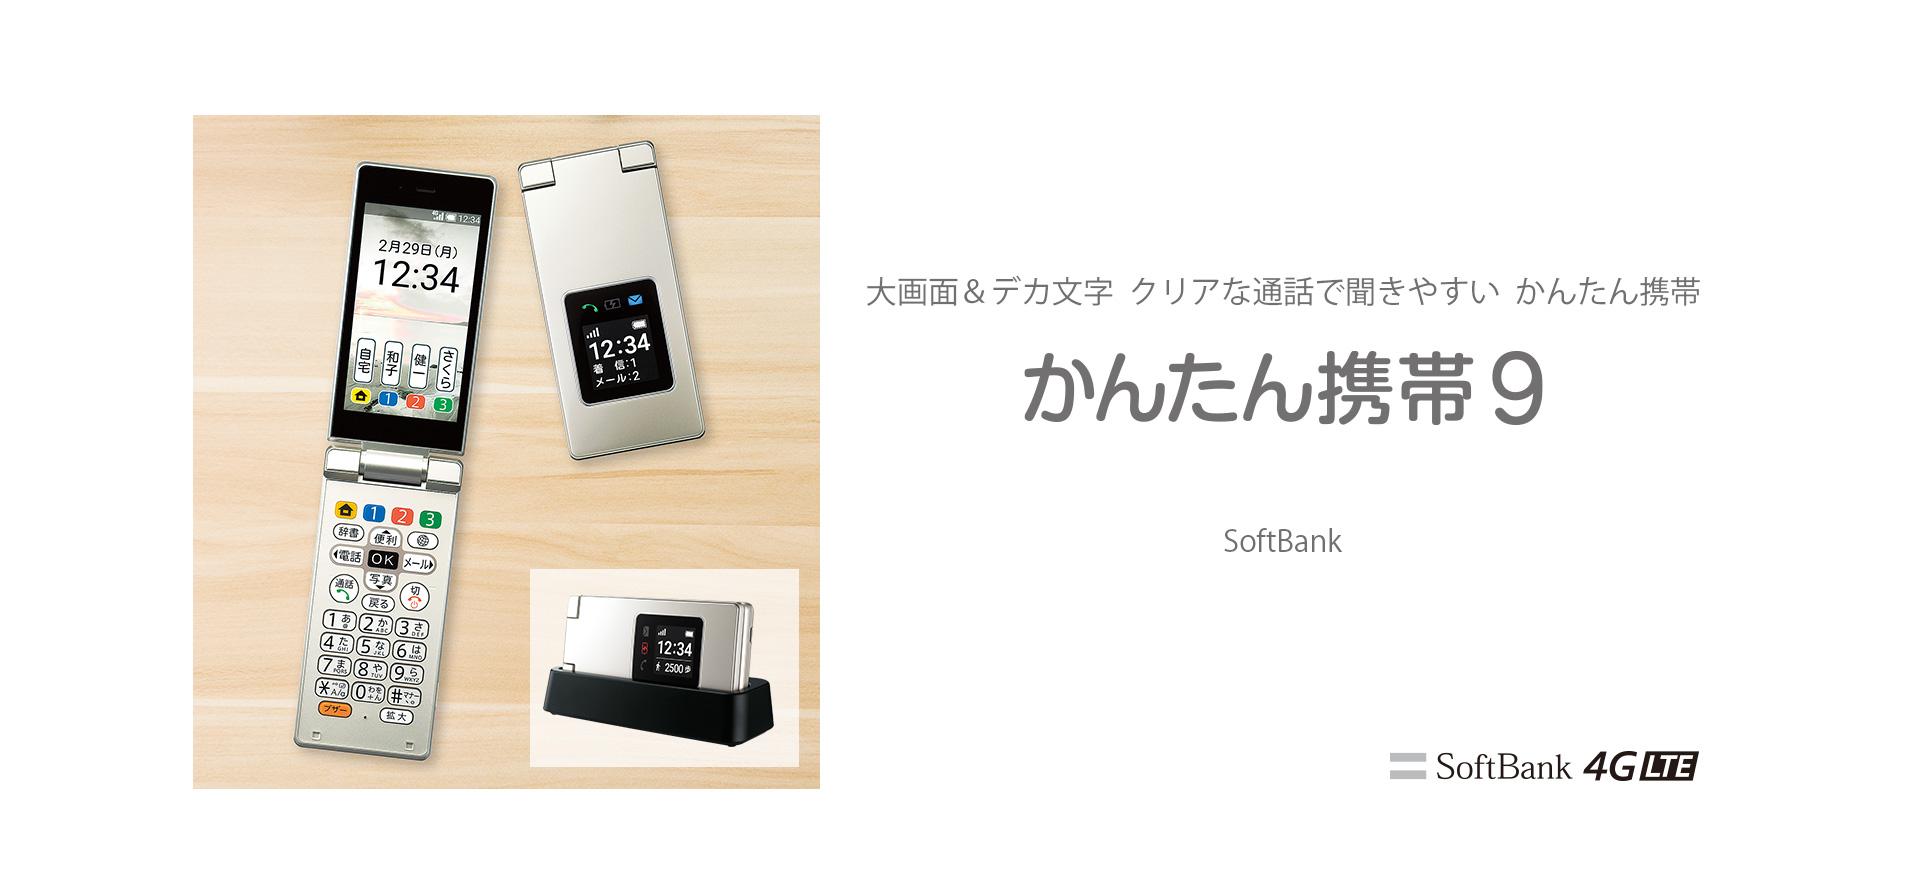 ソフトバンクおすすめ携帯「かんたんケータイ9」